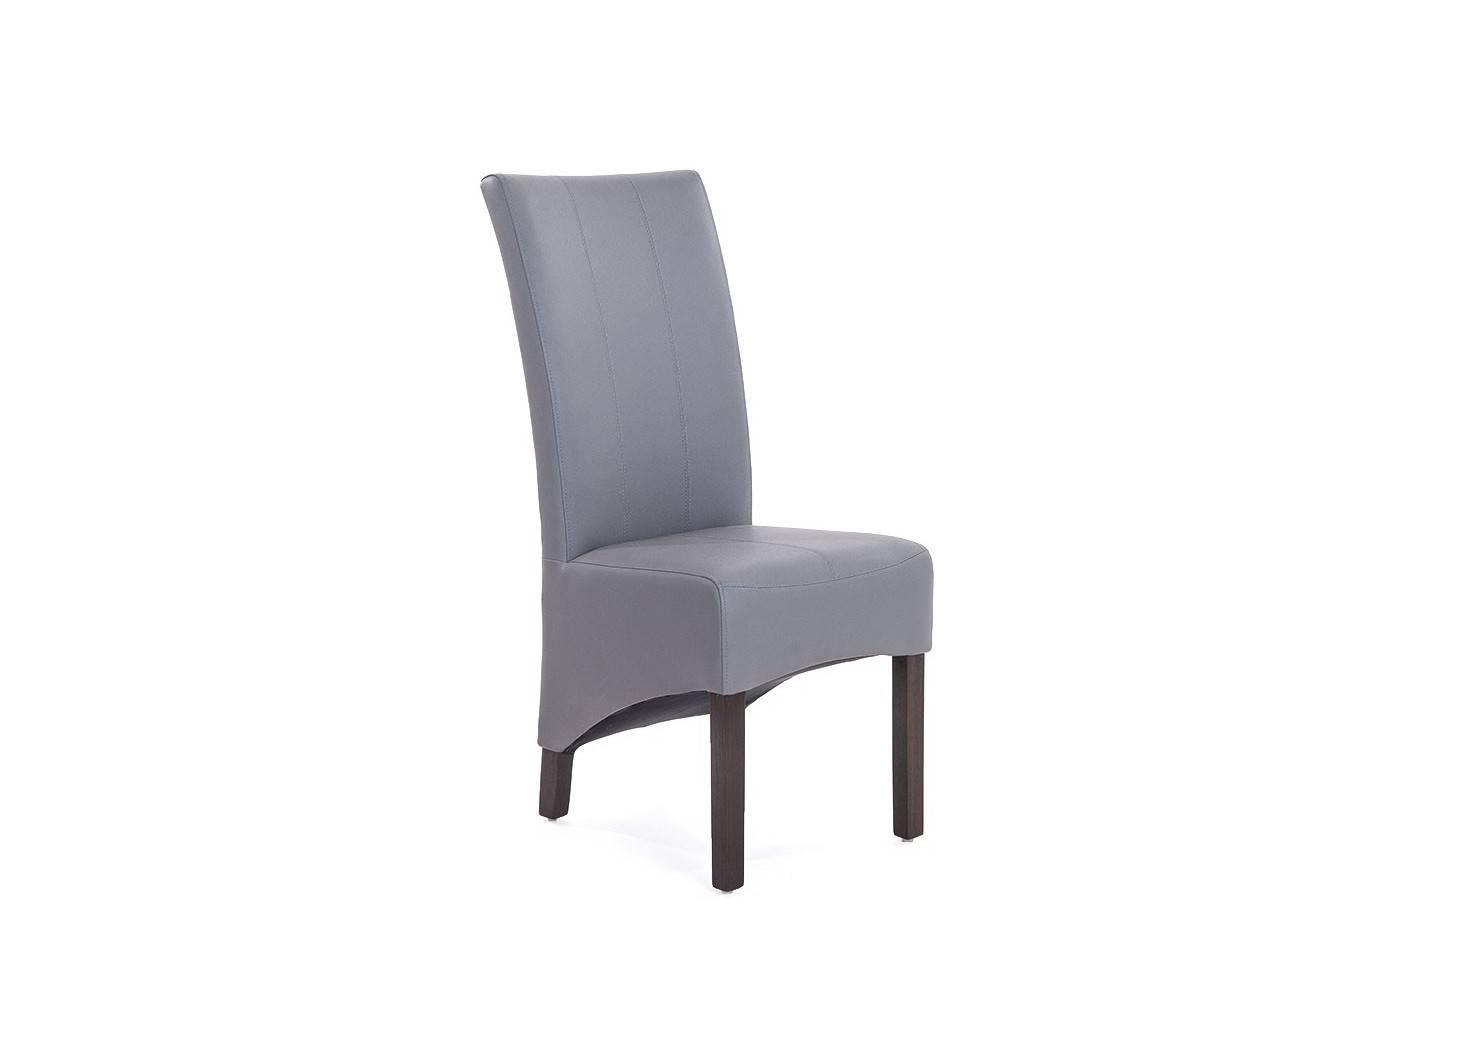 Chaise Bovary en cuir recyclé coloris gris